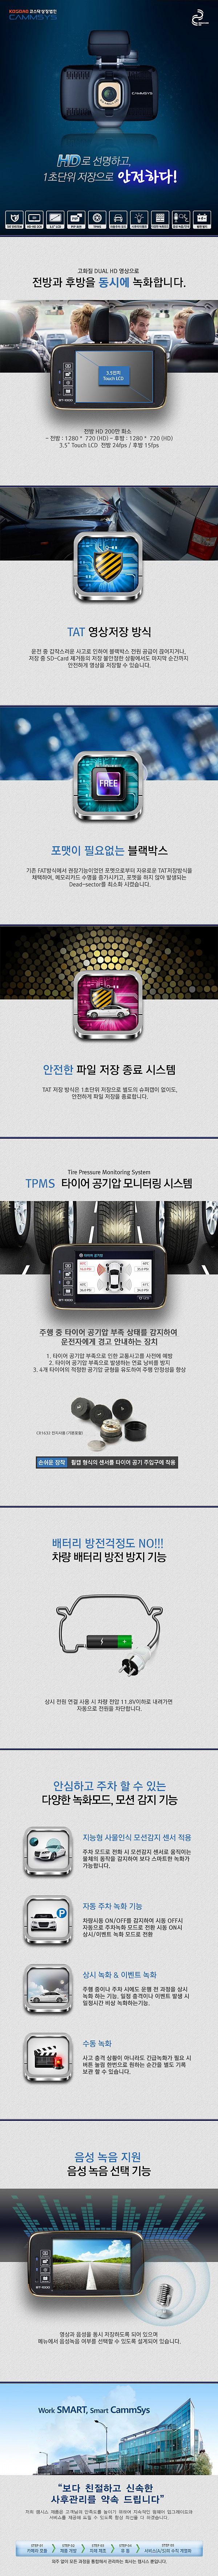 [광주매장 할인가 시공 이벤트] 블랙박스 _ CAMMSYS BT-1000